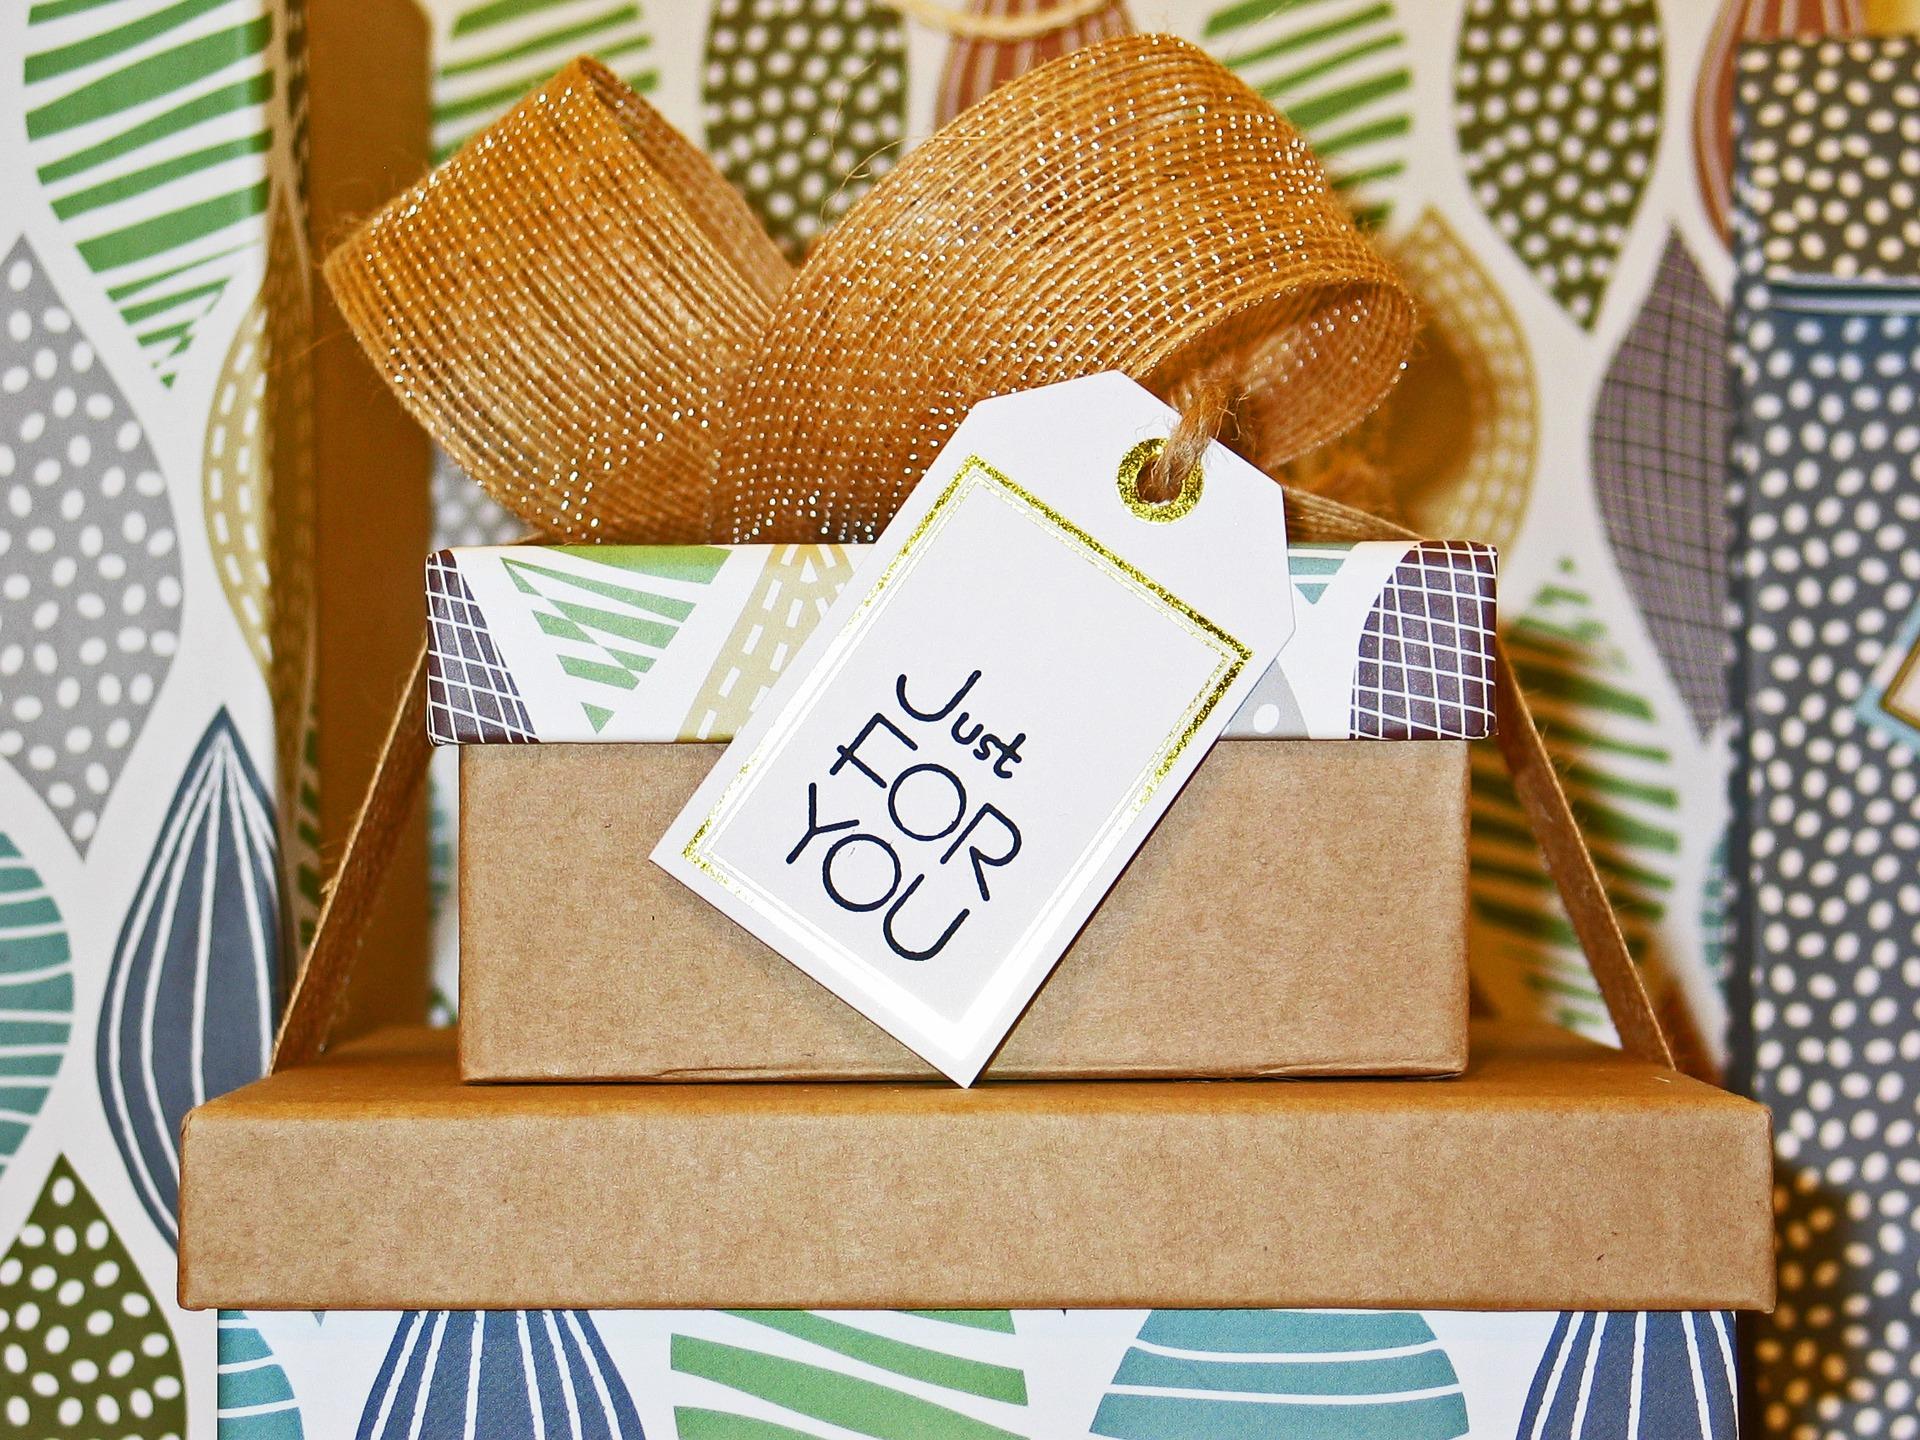 Na foto duas caixas de presente com um cartão.